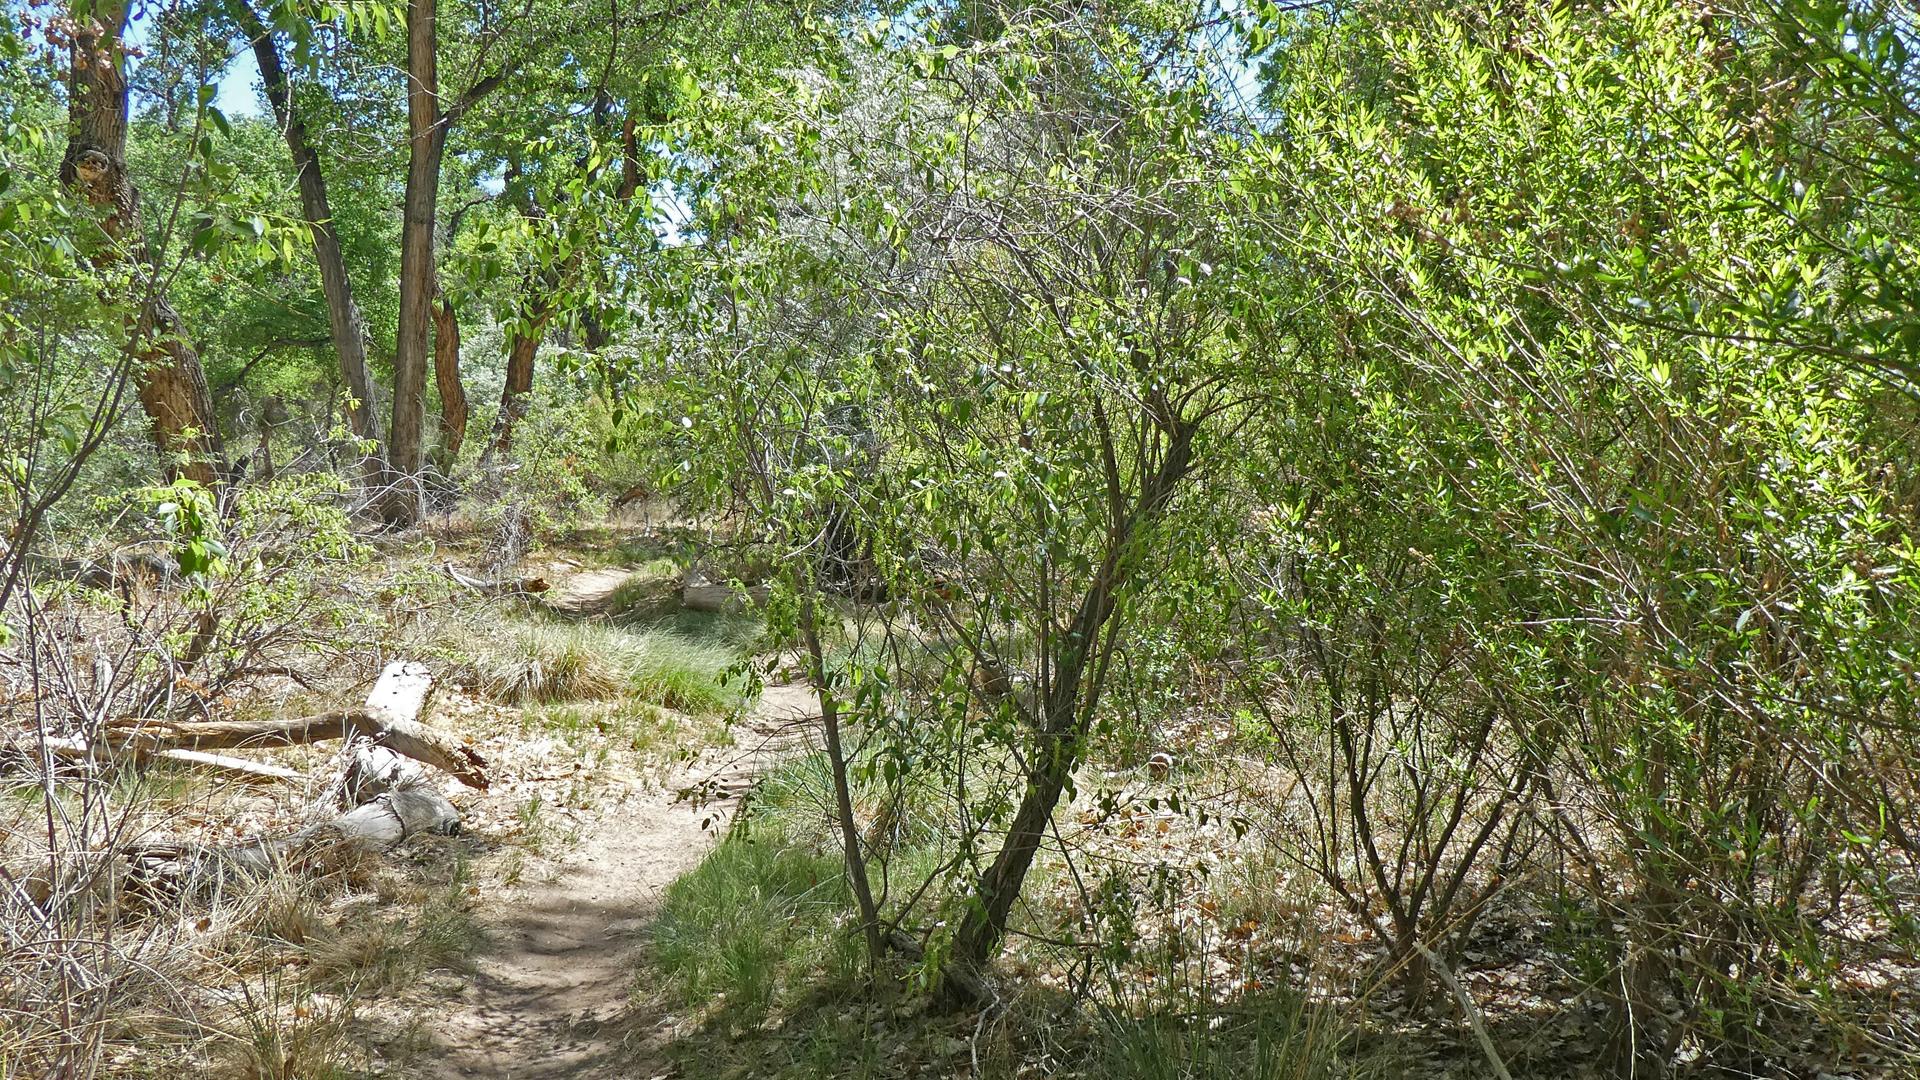 Peach-leaf willow? Rio Grande Bosque, Corrales, May 2021